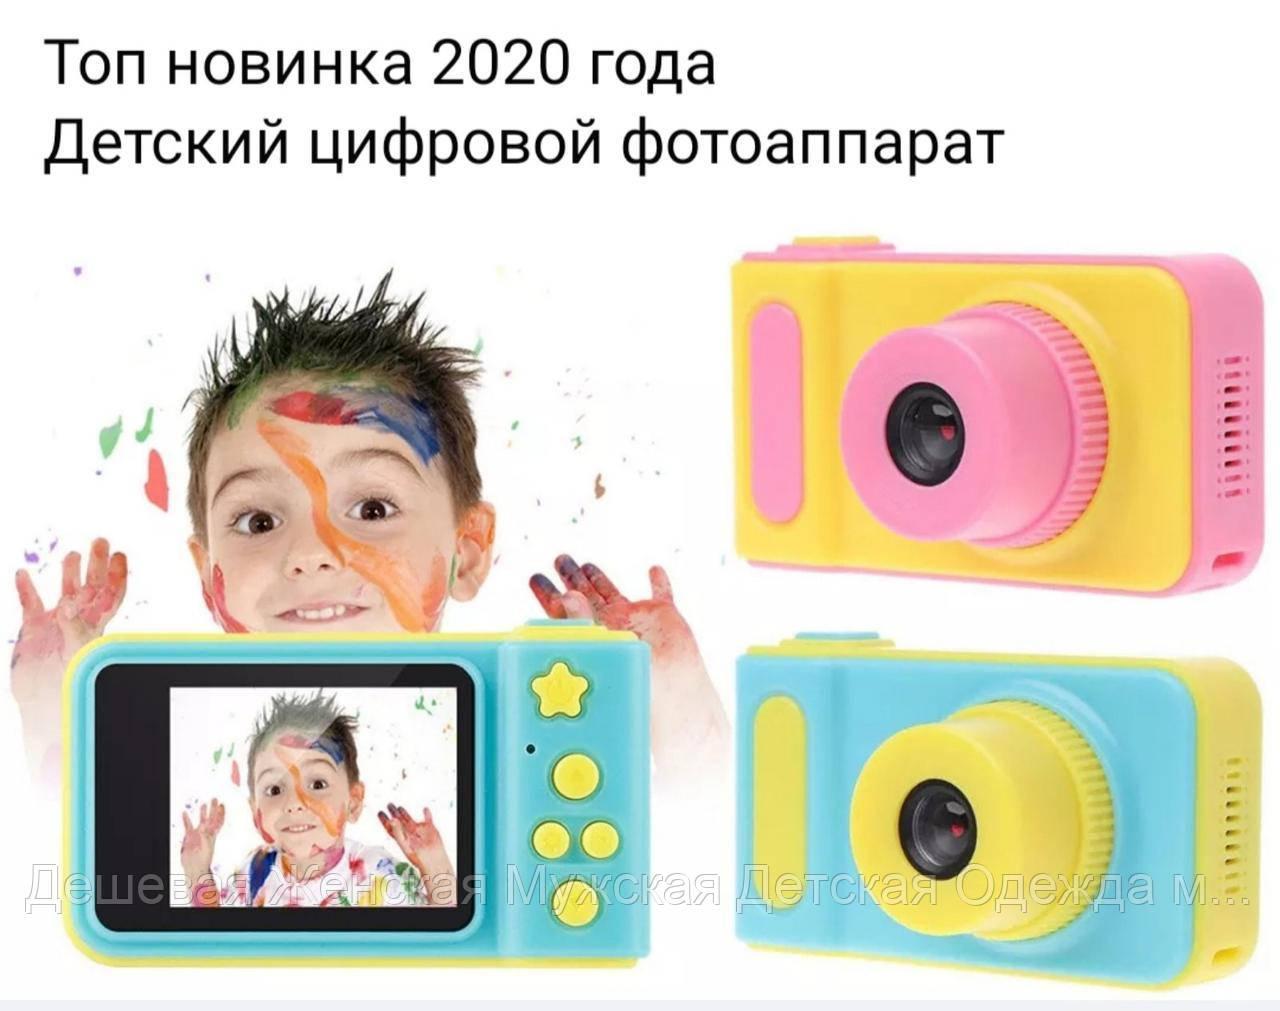 Детский цифровой фотоаппарат Summer Vacation Cam 3 mp фотоаппарат для ребенка